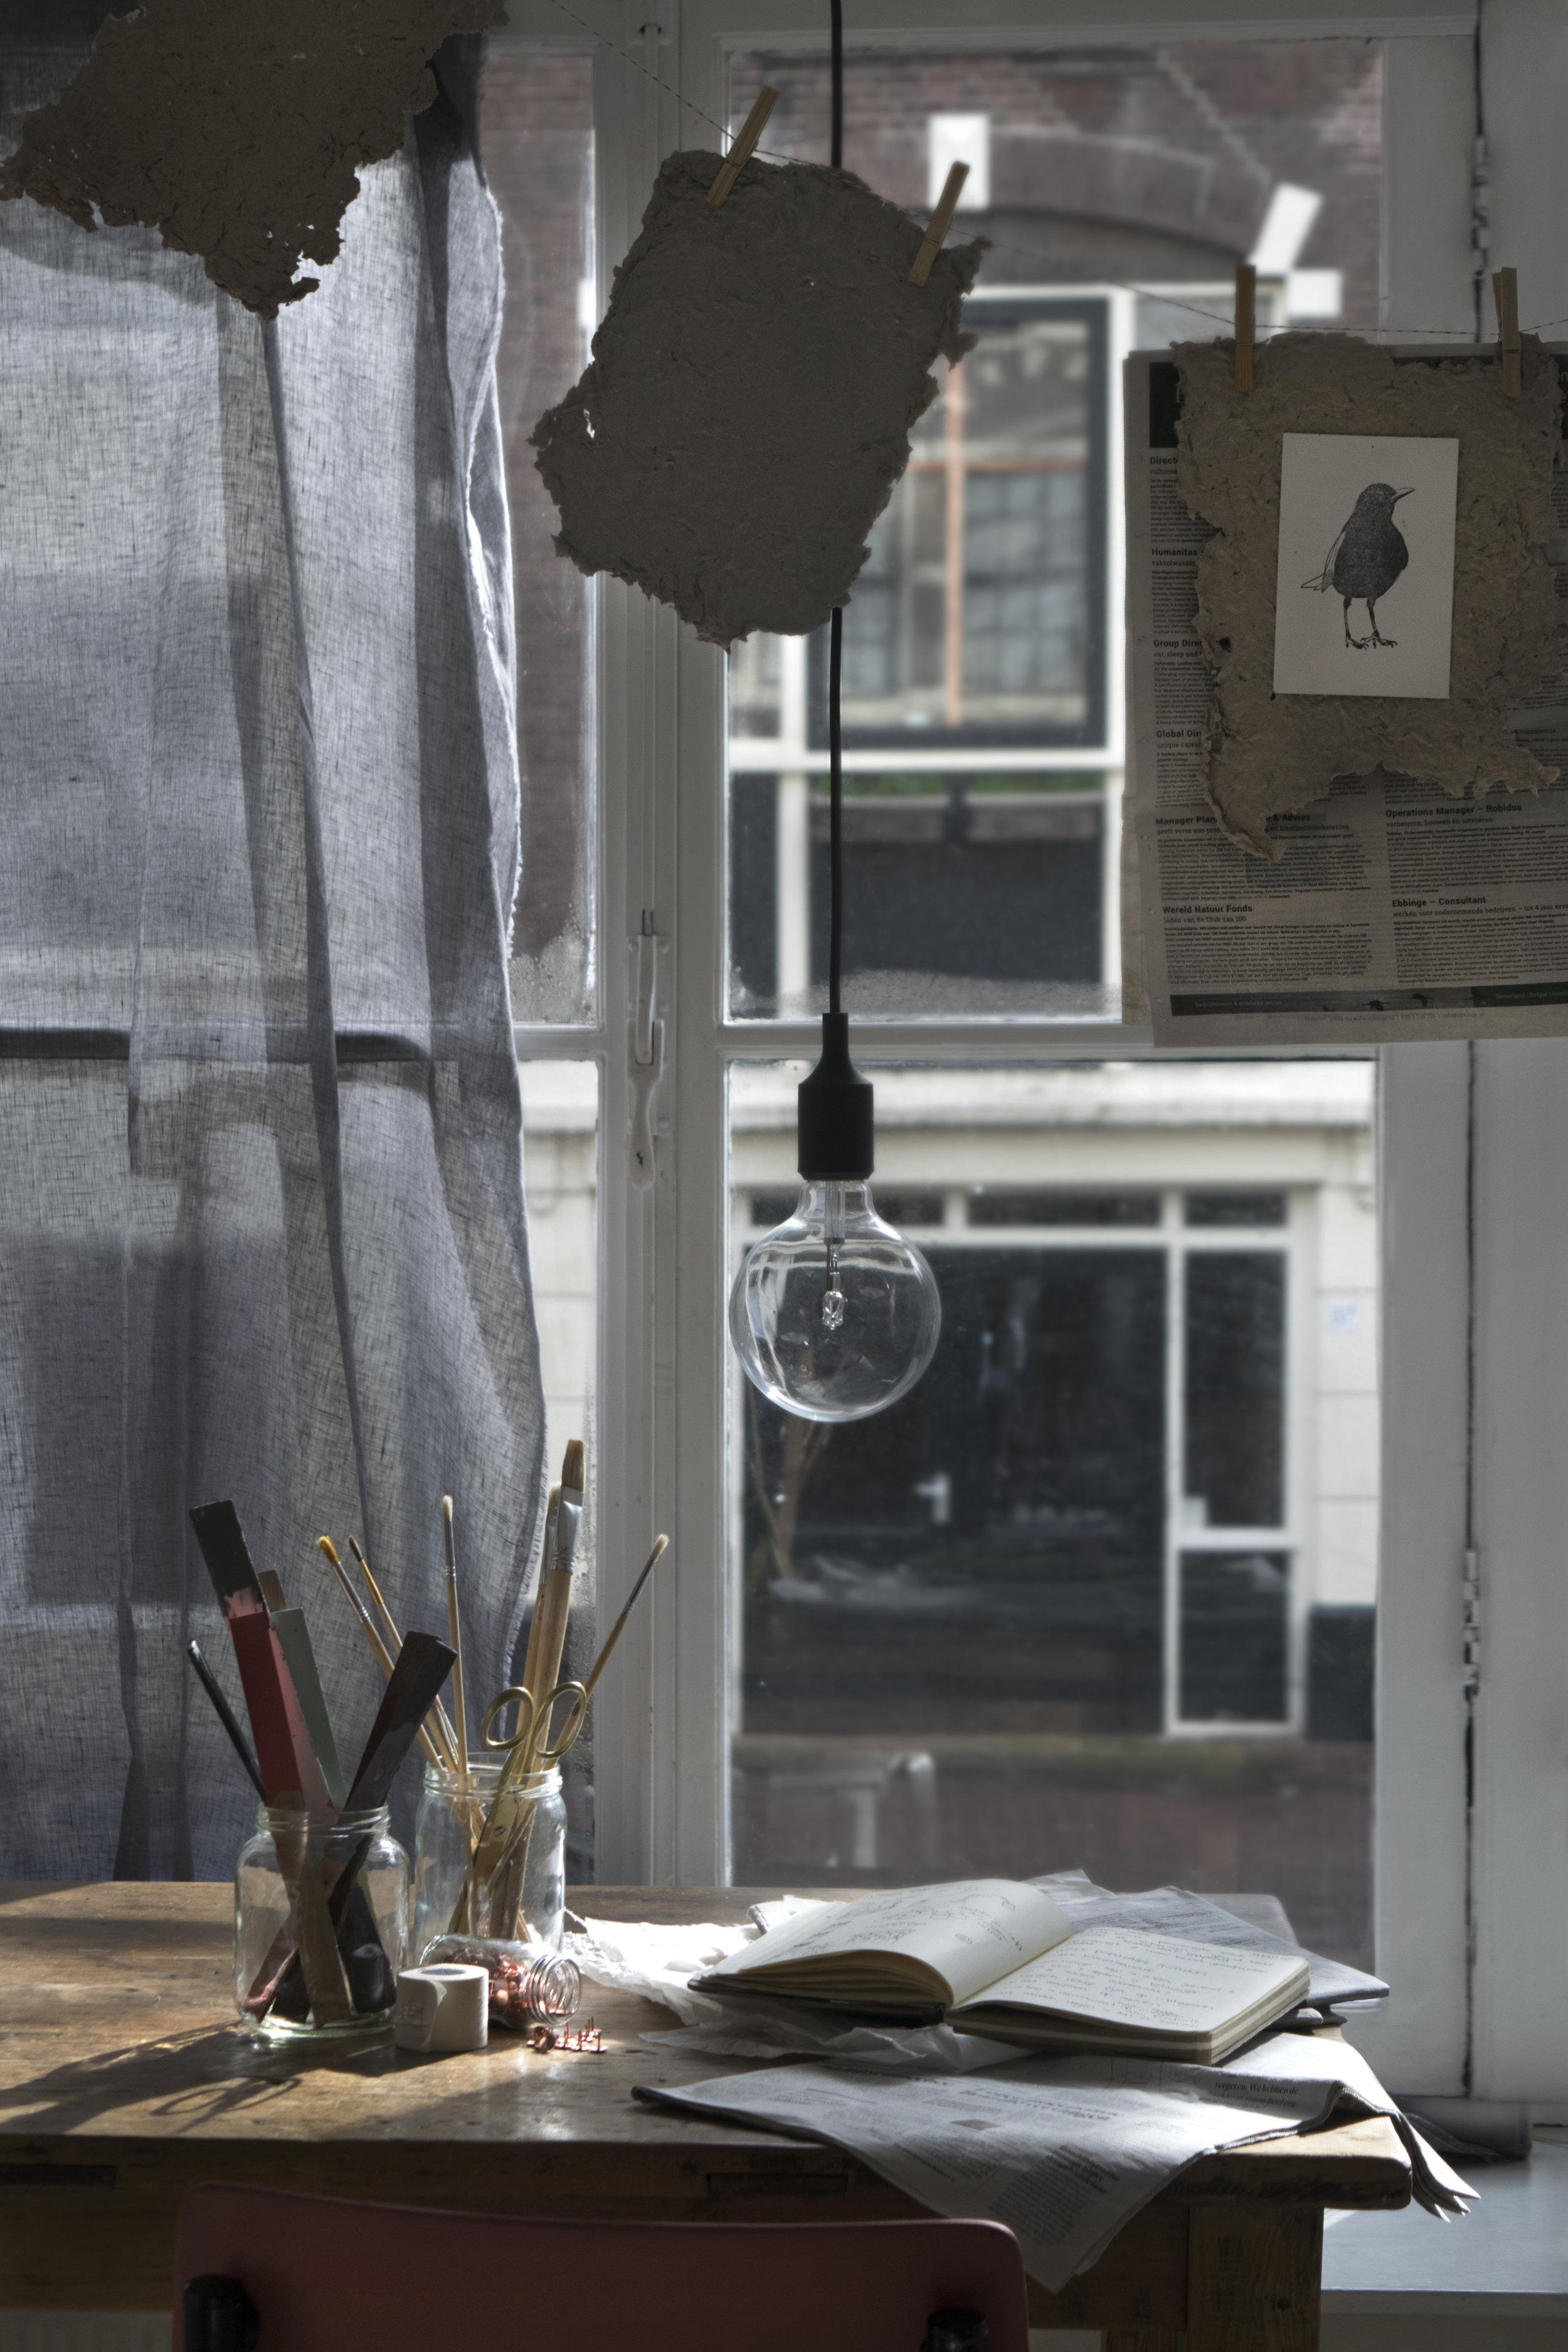 Stof ( evertgroot.nl ), papier aan waslijn,(afval Spuistraat, Amsterdam) krant (afval Herengracht, Amsterdam), anzichtkaart vogel ( agalab.nl ), hanglamp ( muuto.com ), Glazen potten (afval Singel, Amsterdam), houtstaafjes met verf, penselen, schaar, tape, punaises (eigen bezit), kranten (afval Herengracht, Amsterdam), notitieboekje (eigen bezit), tafel ( kieveen.nl ), stoel (unique pieces by  stylecookie.nl )